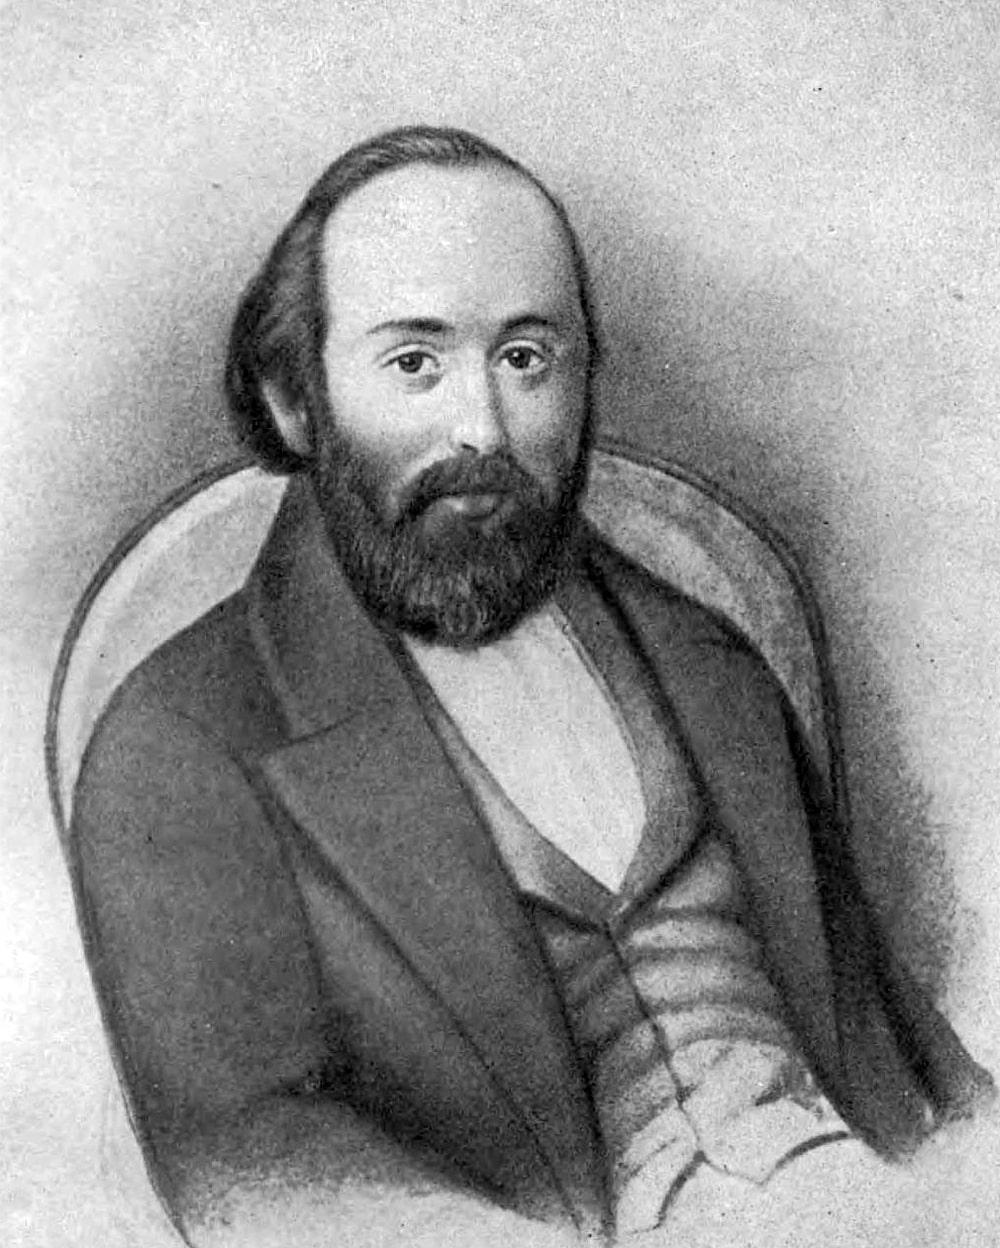 mihail-petrashevskij-na-interesnyefakty.org-2